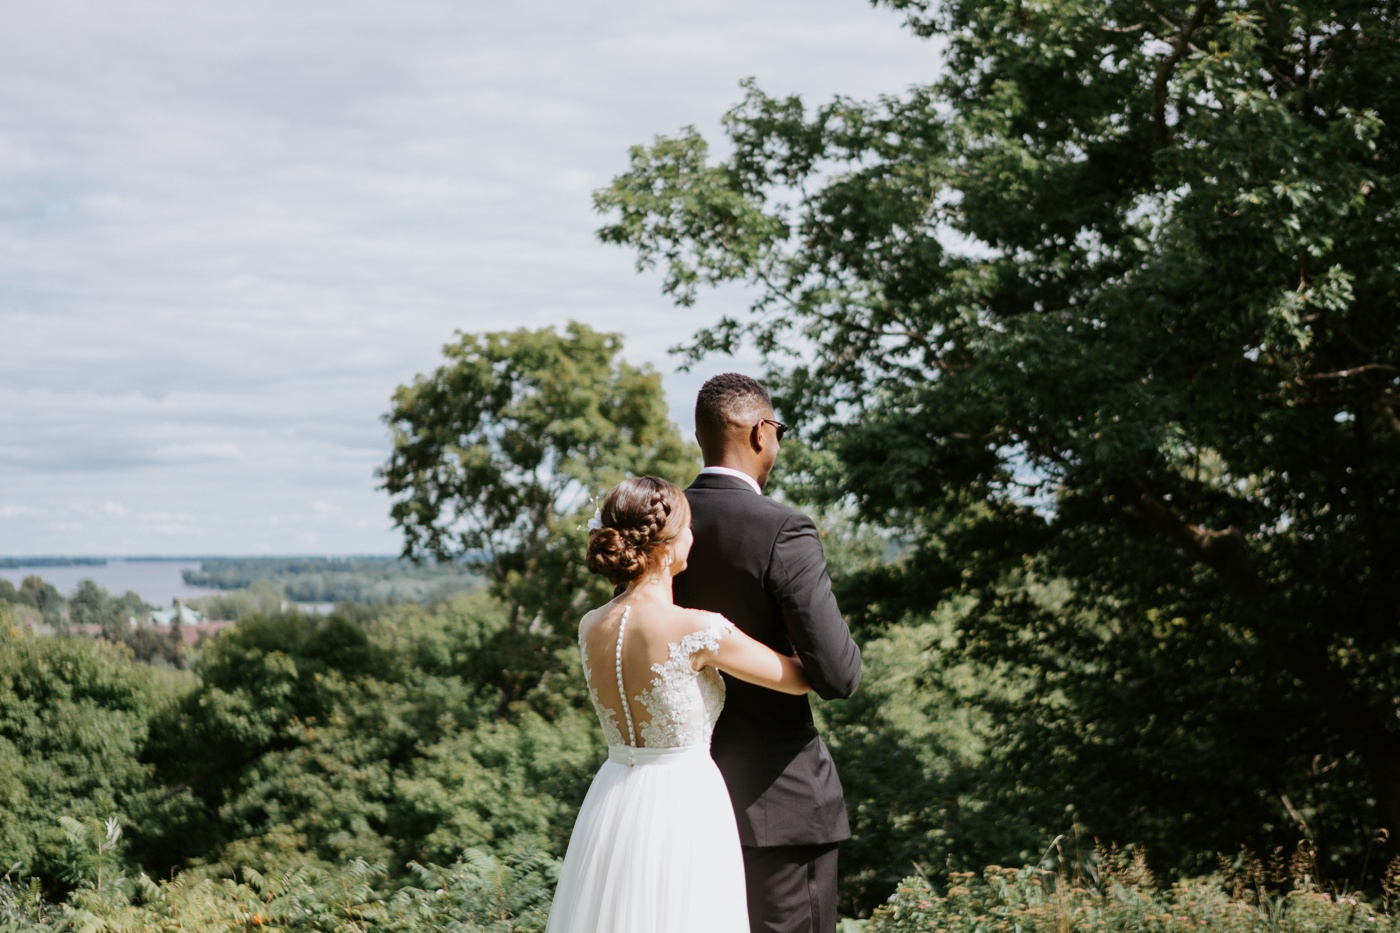 Photographe de mariage à Montréal. Photographe de mariage Outaouais. Mariage au Château Montebello. Fairmont Le Chateau Montebello wedding. Montreal wedding photographer. Ottawa wedding photographer